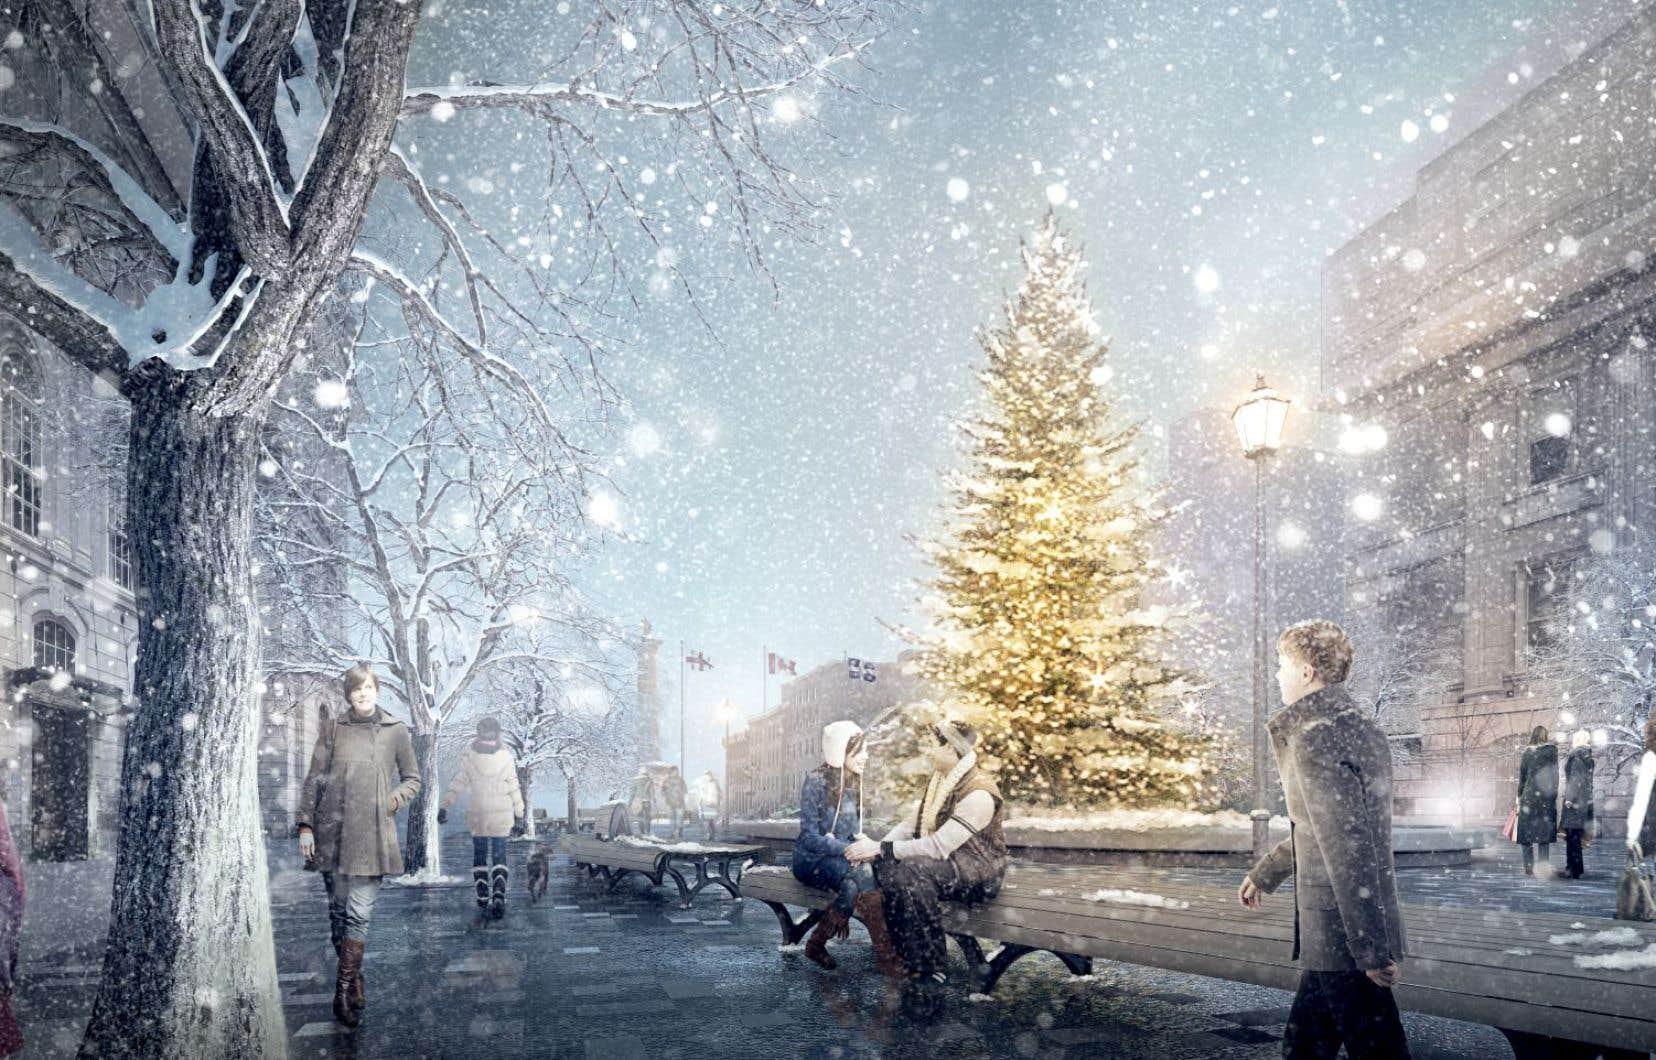 Montréal entend renouer avec une vieille tradition: celle du sapin de Noël, qui sera installé au centre de la place publique pendant la période des fêtes.